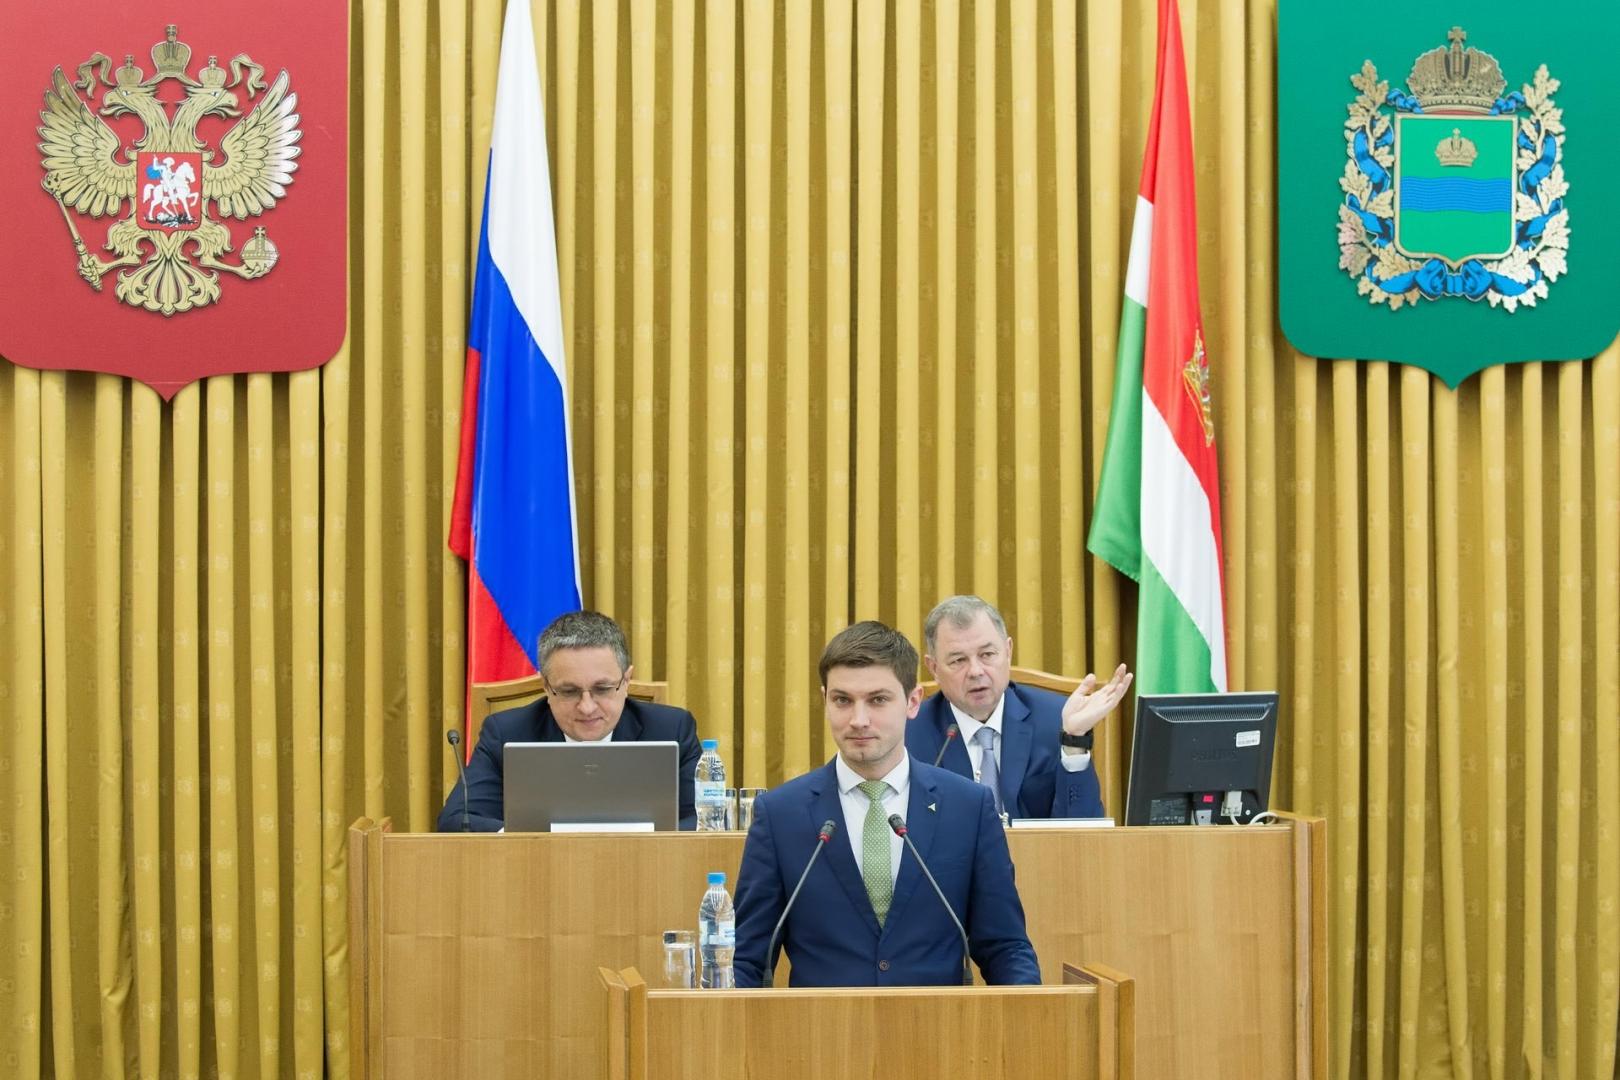 На заседании регионального кабинета министров выступил генеральный директор Агентства развития бизнеса Калужской области Стефан Перевалов.